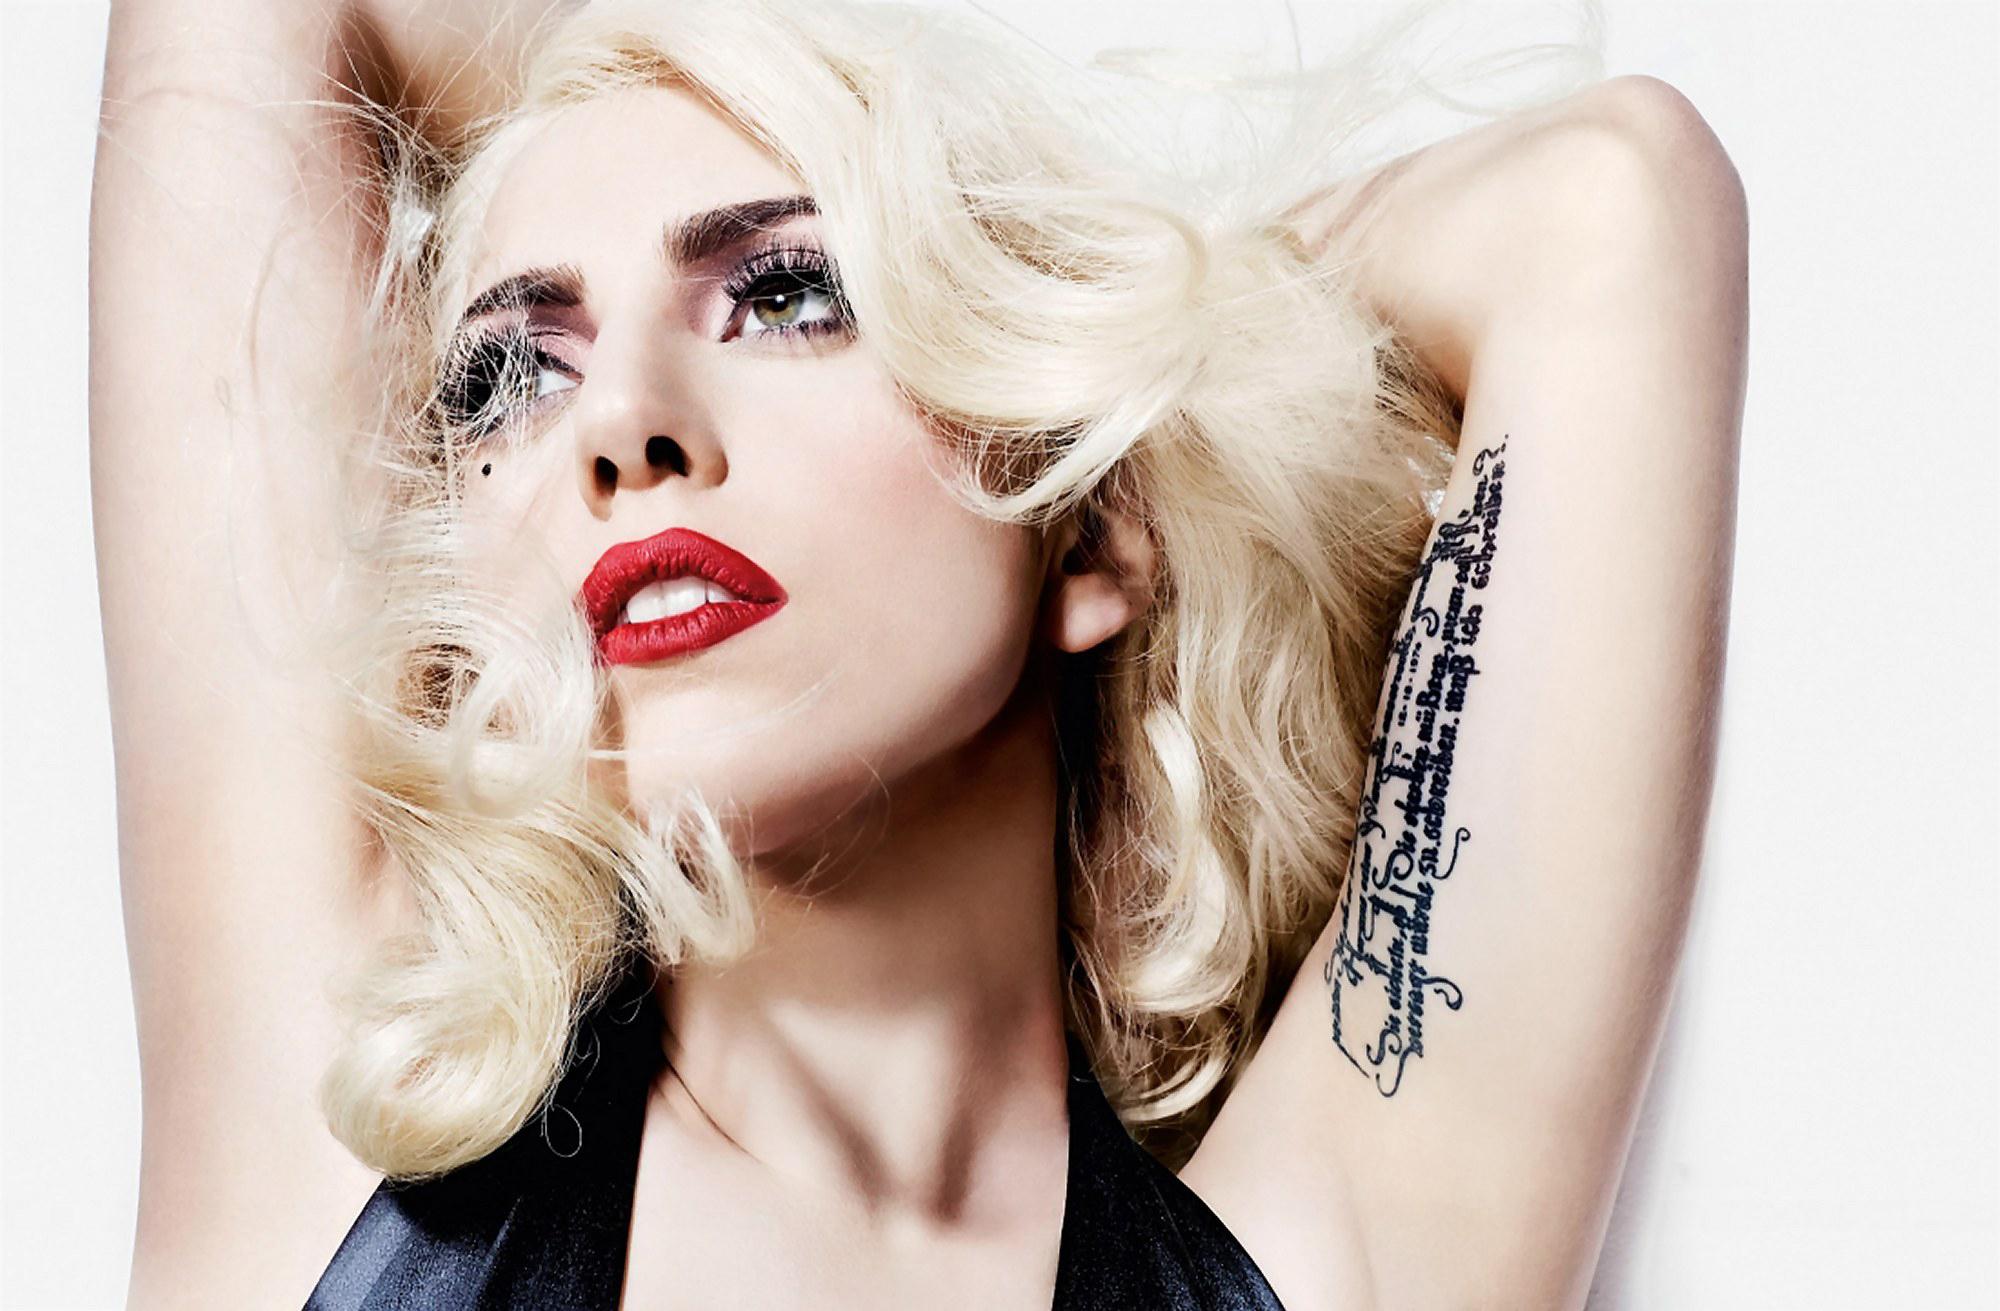 Les plus belles photos de Lady Gaga sexy